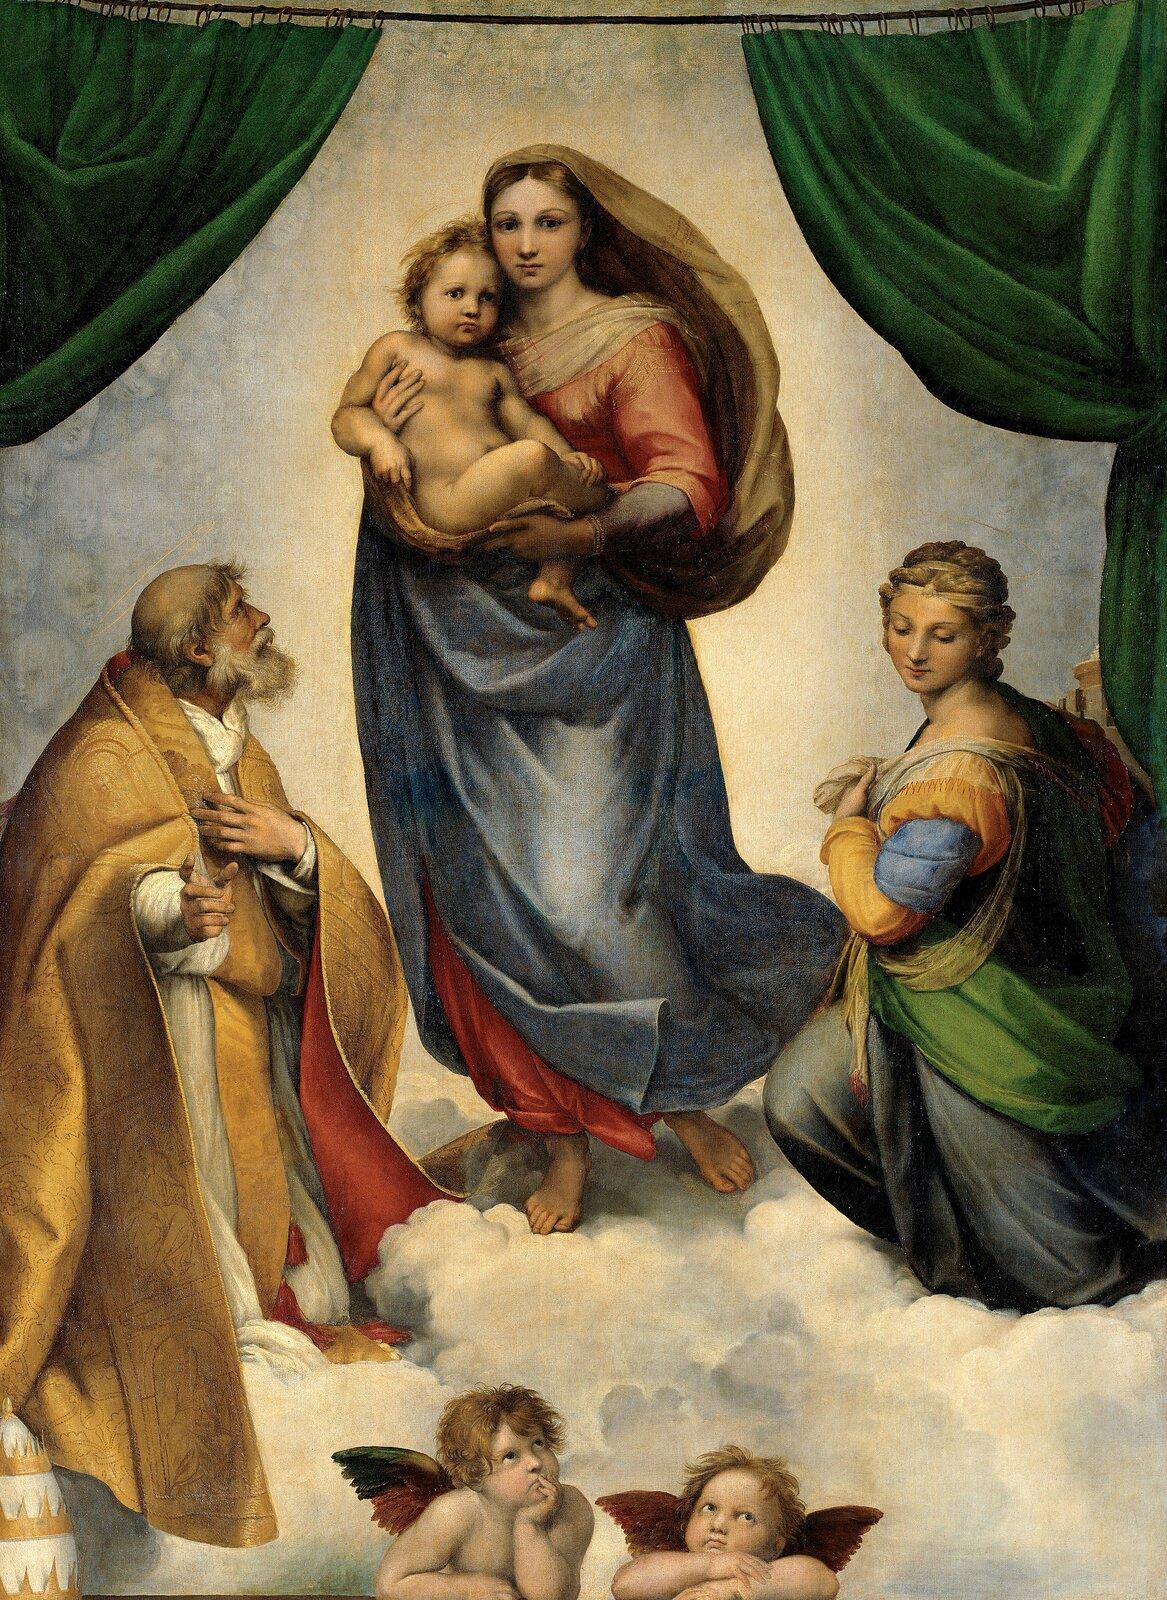 Madonna Sykstyńska Źródło: Rafael Santi, Madonna Sykstyńska , 1513-14, olej na płótnie, Galeria Obrazów Starych Mistrzów wDreźnie, domena publiczna.